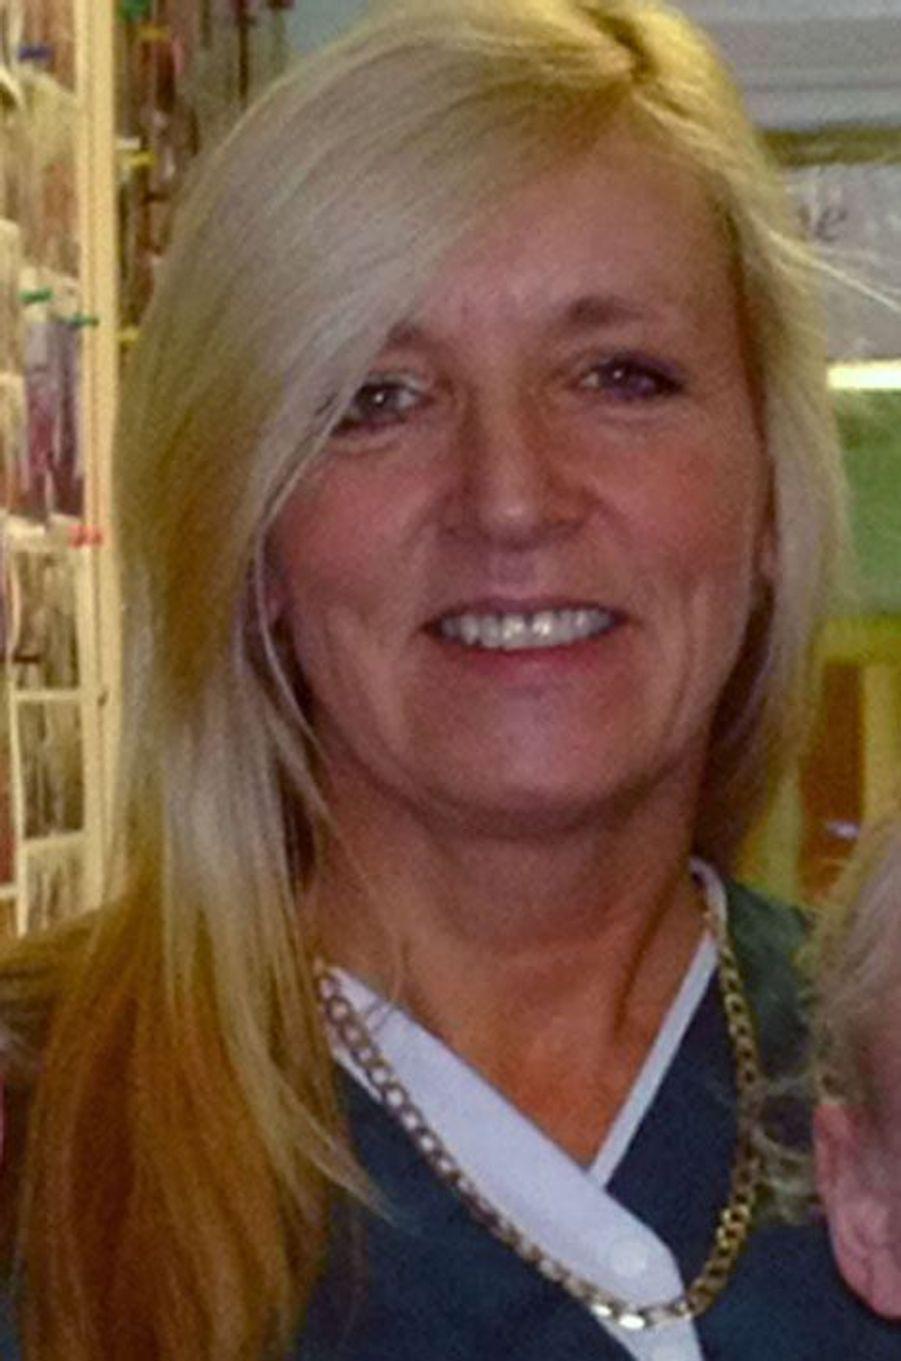 Trudy Jones, 51 ans, a été abattue sur la plage. Cette mère de quatre enfants, originaire de Blackwood au Pays de Galles, était en vacances en Tunisie avec des amis. Dans un communiqué, rapporte «The Guardian», sa famille rend hommage à cette «personne attentionnée qui fait passer les autres avant elle». La quinquagénaire, qui travaillait dans un établissement de soins, est décrite comme une personne «toujours prête à aider», le «roc de (sa) famille». «Aucun de nous n'a la moindre idée de comment nous allons faire face sans elle», poursuivent ses proches. Résidents et membres du personnel de la maison de soins où elle travaillait sont eux aussi en état de choc après la mort de Trudy Jones, «très vive» et «toujours souriante».